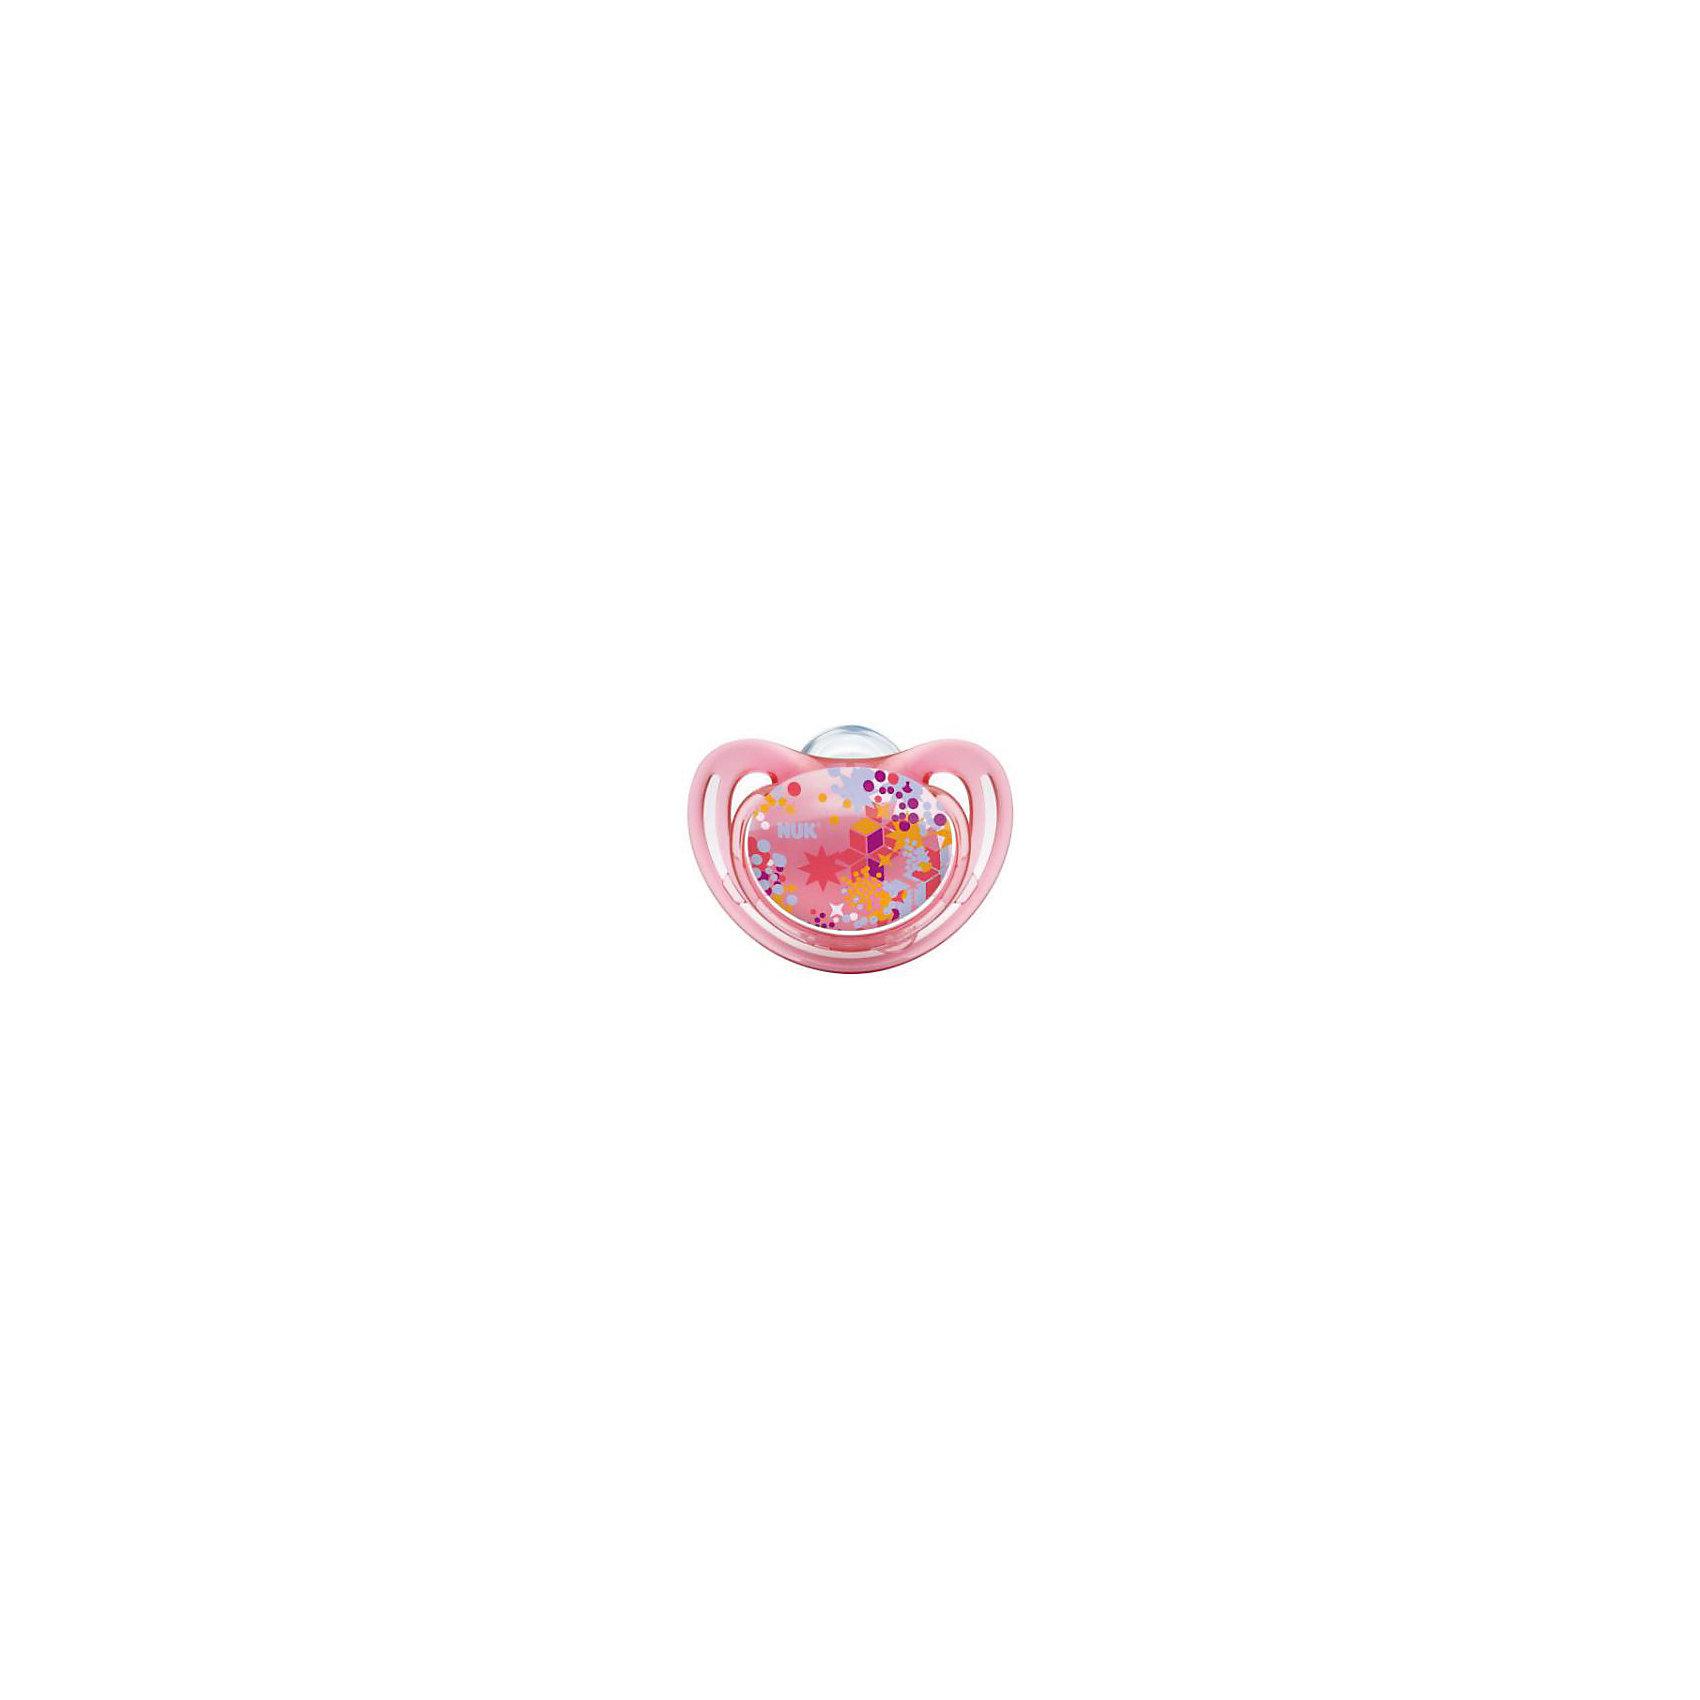 Пустышка силиконовая для сна FREESTYLE Узоры, 18-36 мес., NUK, розовыйПустышки из силикона<br>Характеристики изделия:<br><br>- цвет: розовый;<br>- материал: силикон, полиэстер;<br>- ортодонтическая форма;<br>- меньшее количество точек соприкосновения с кожей;<br>- с колечком;<br>- упаковка из 100% биопластика;<br>- размер 3.<br><br>Детские товары существенно облегчают жизнь молодым мамам. Существует множество полезных в период материнства вещей. К таким относится и пустышка. <br>Данная модель разработана совместно с ортодонтами. Мягкий материал подойдет для ротовой полости ребенка. Пустышка легко очищается от любых поверхностных загрязнений. Она помогает правильно сформировать прикус и нормально развиться ротовой полости.<br><br>Пустышку силиконовую для сна FREESTYLE 1 шт. от производителя NUK можно купить в нашем магазине.<br><br>Ширина мм: 75<br>Глубина мм: 75<br>Высота мм: 105<br>Вес г: 38<br>Возраст от месяцев: 18<br>Возраст до месяцев: 36<br>Пол: Унисекс<br>Возраст: Детский<br>SKU: 5065291